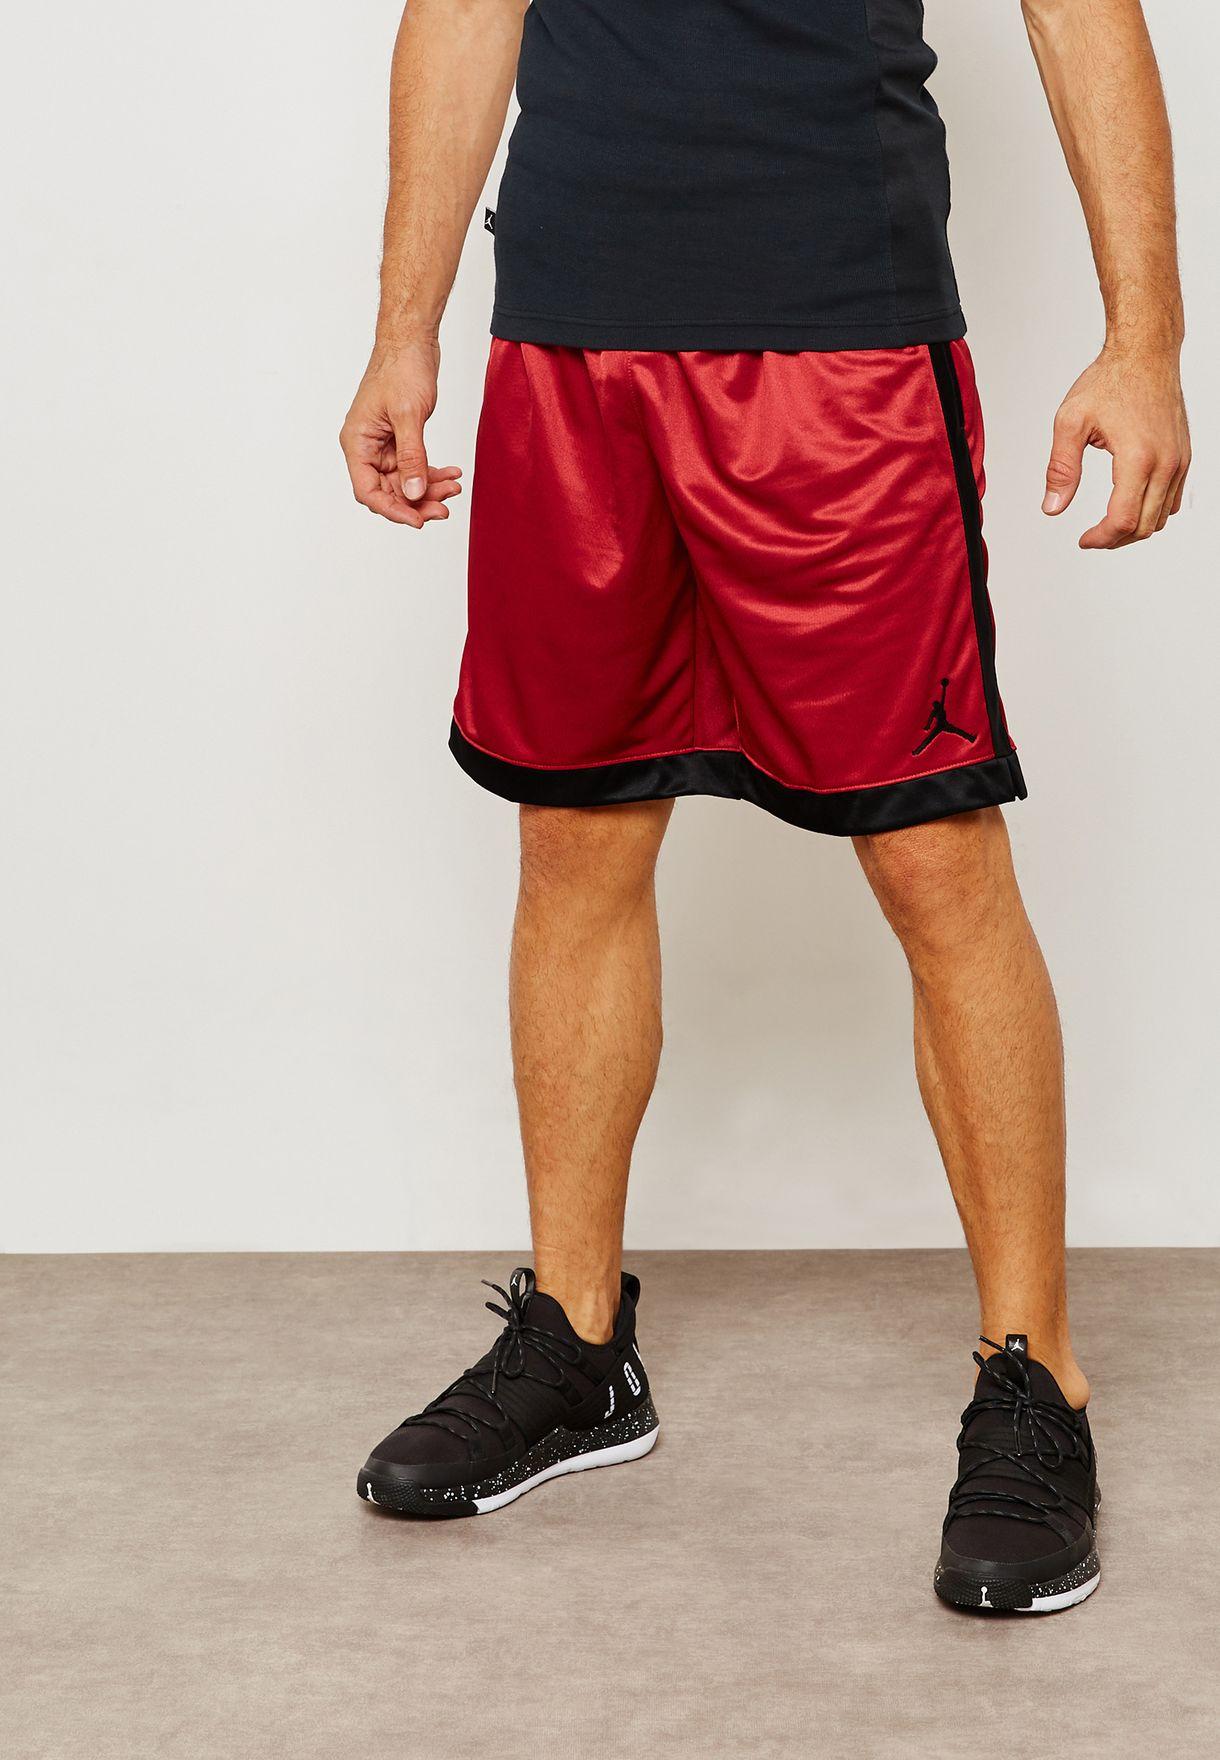 a7d51ea4825 Shop Nike red Jordan Franchise Shorts AJ1122-687 for Men in UAE ...